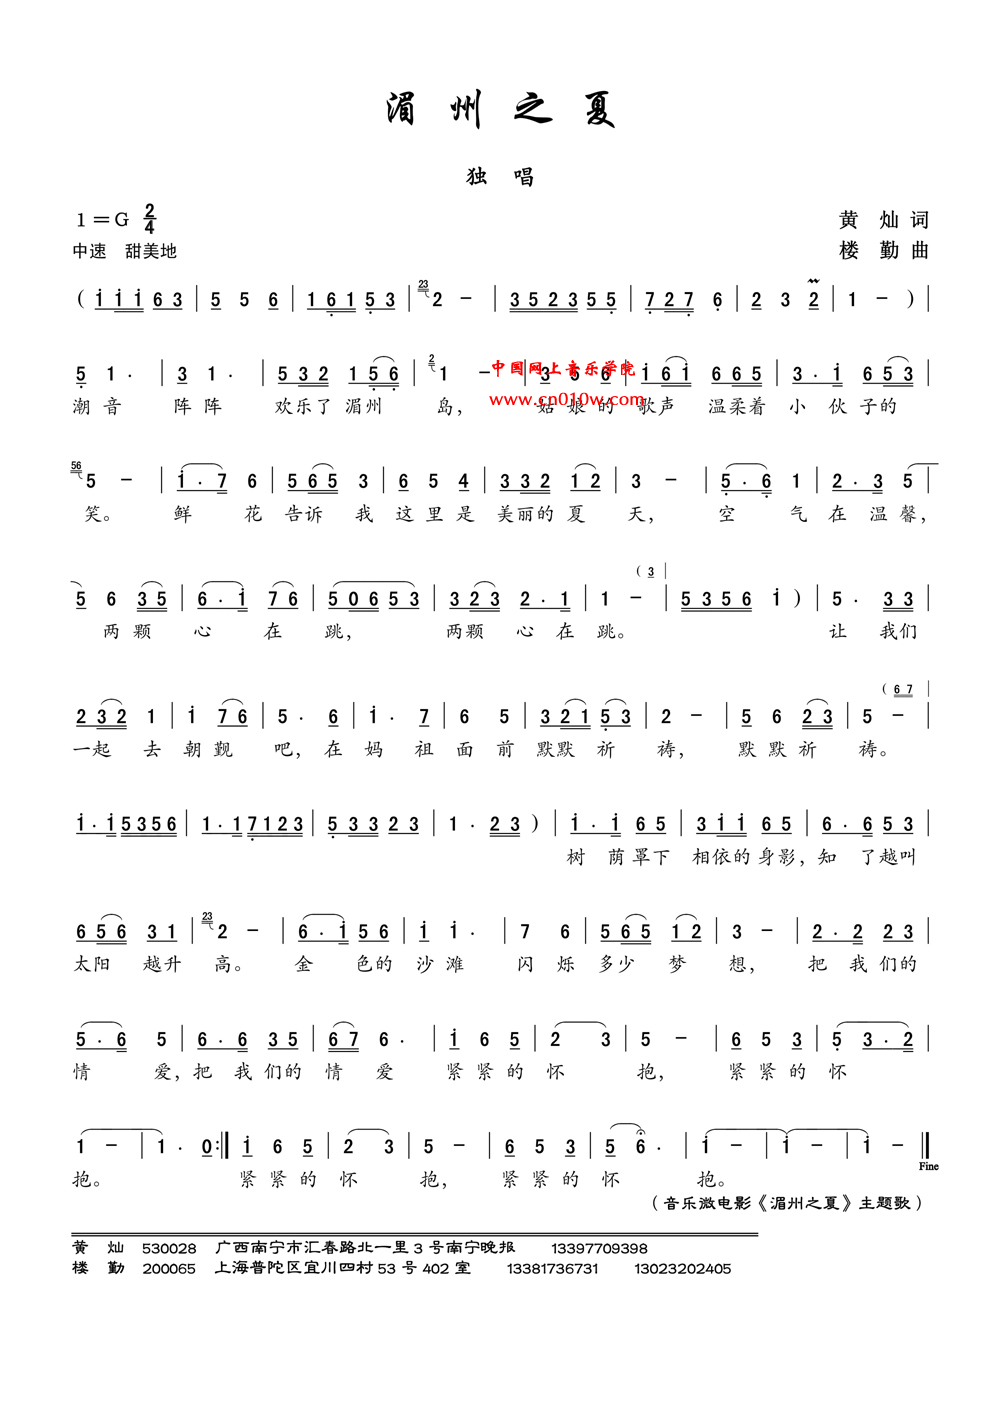 民歌曲谱 湄州之夏民歌曲谱 湄州之夏下载简谱下载